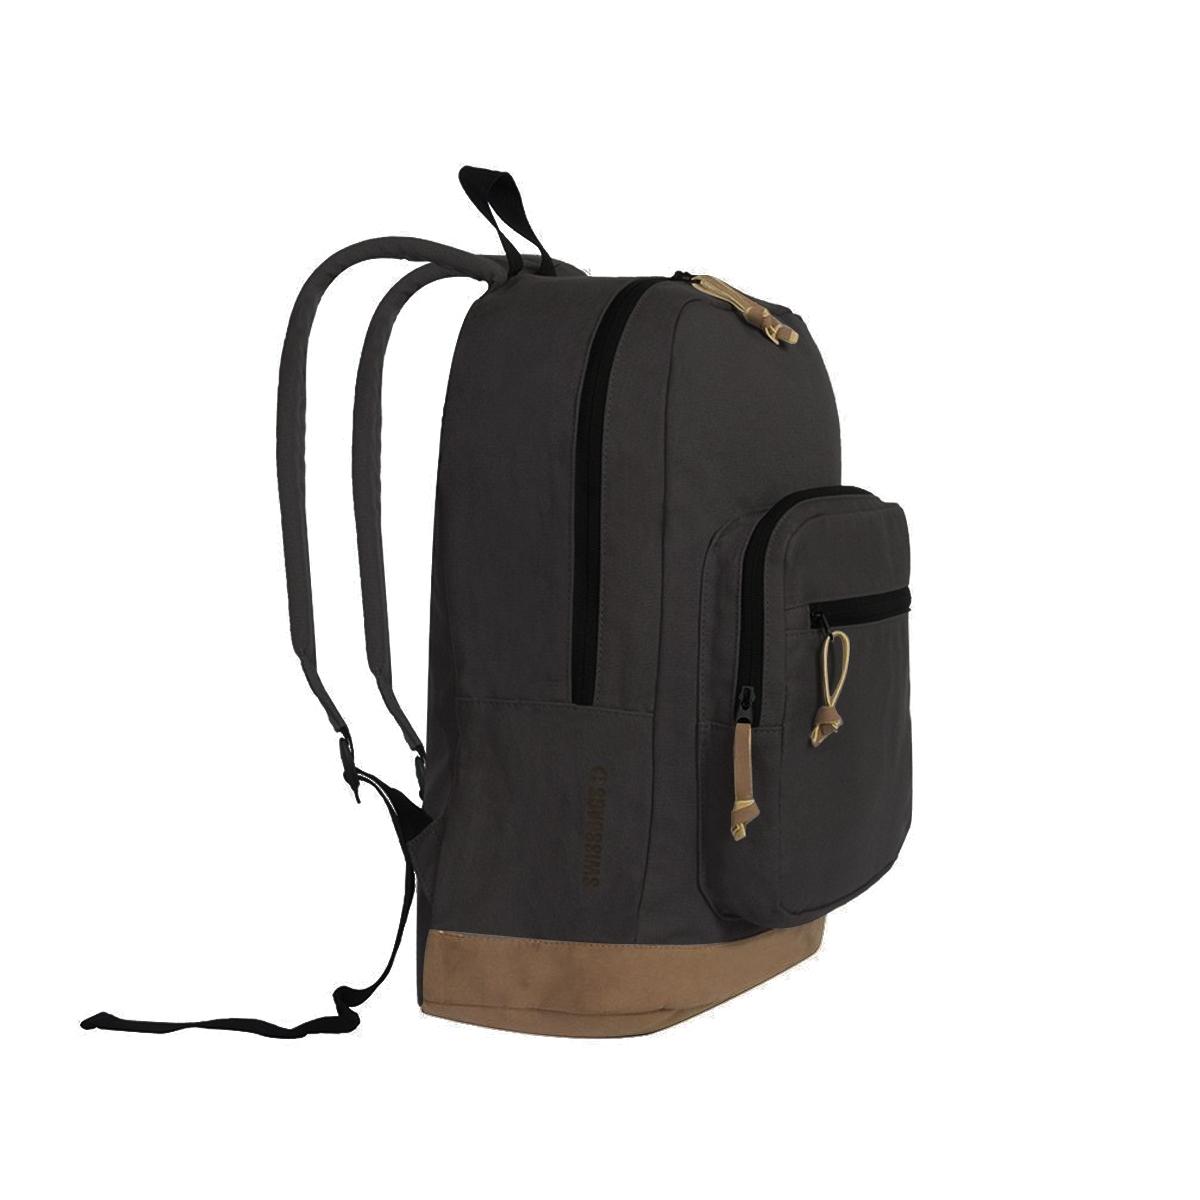 Mochila Portalaptop Koniz Swissbags